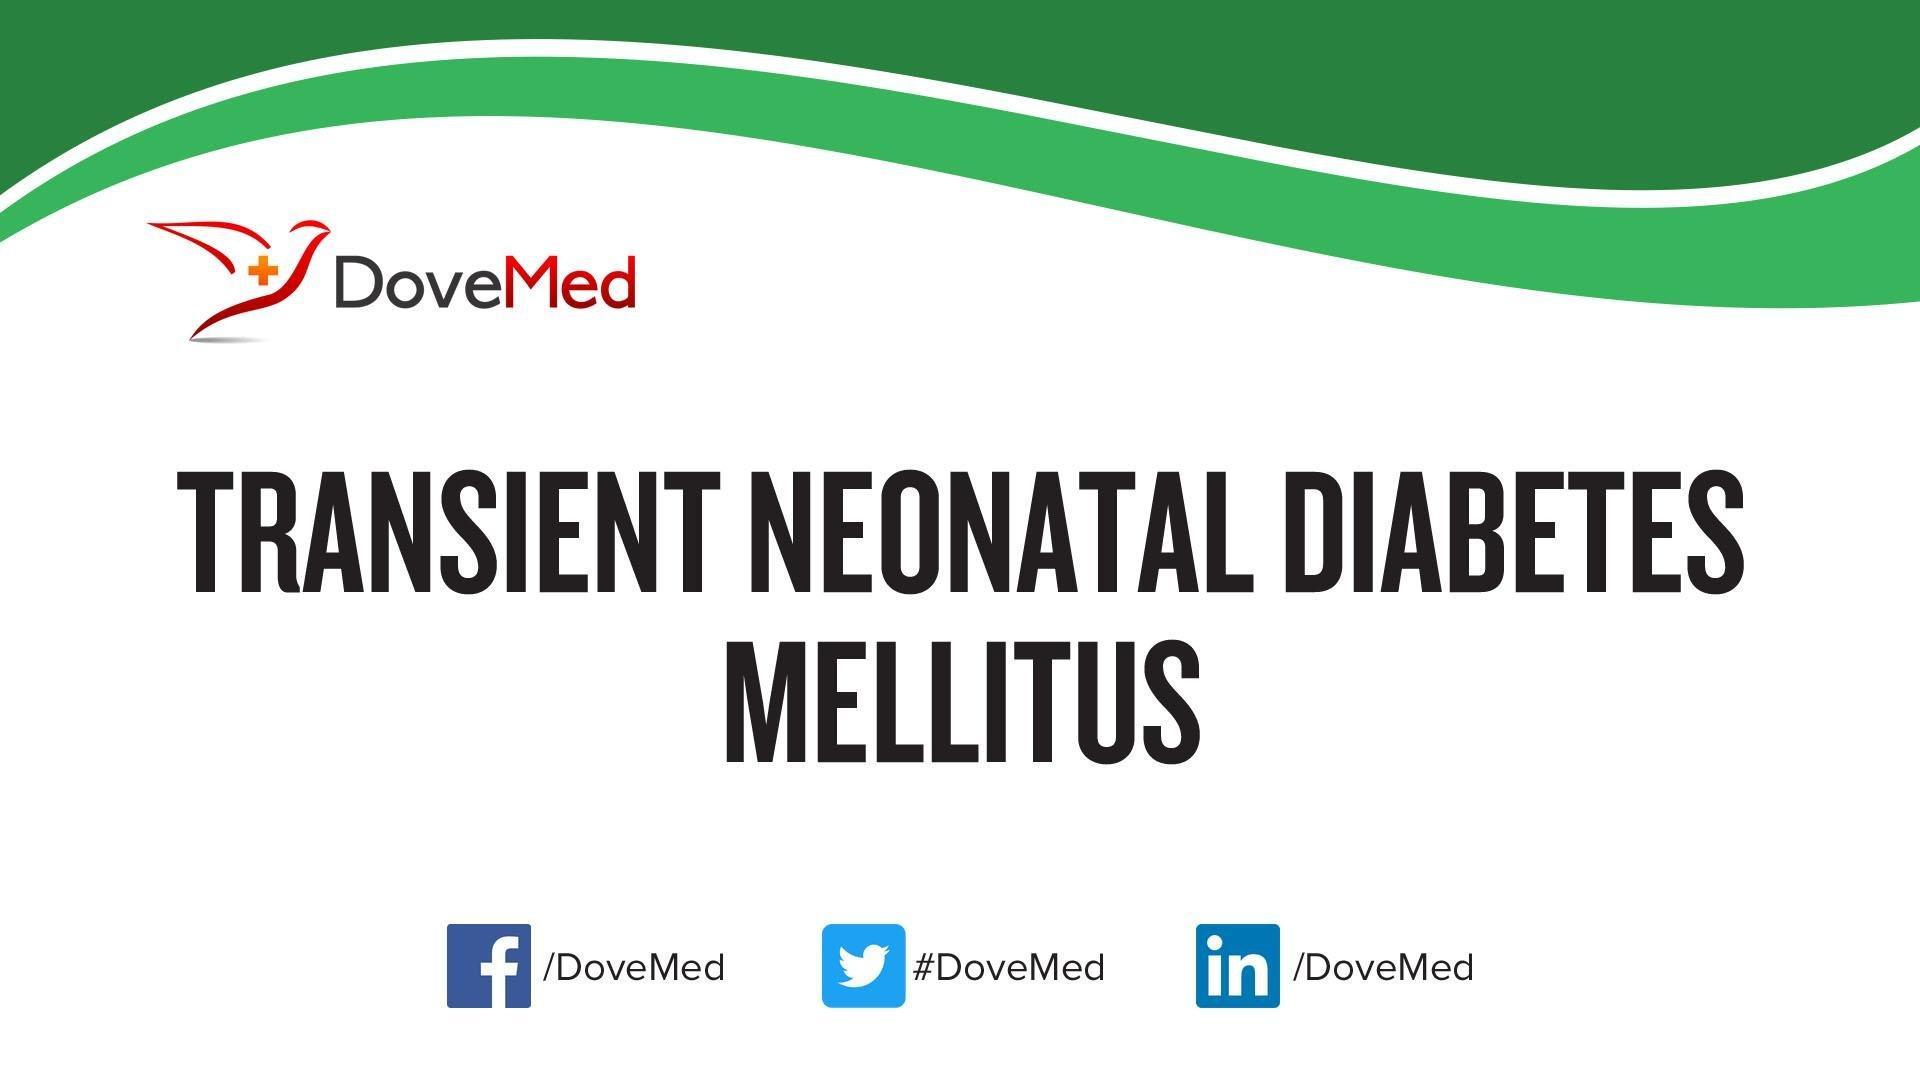 Transient Neonatal Diabetes Mellitus